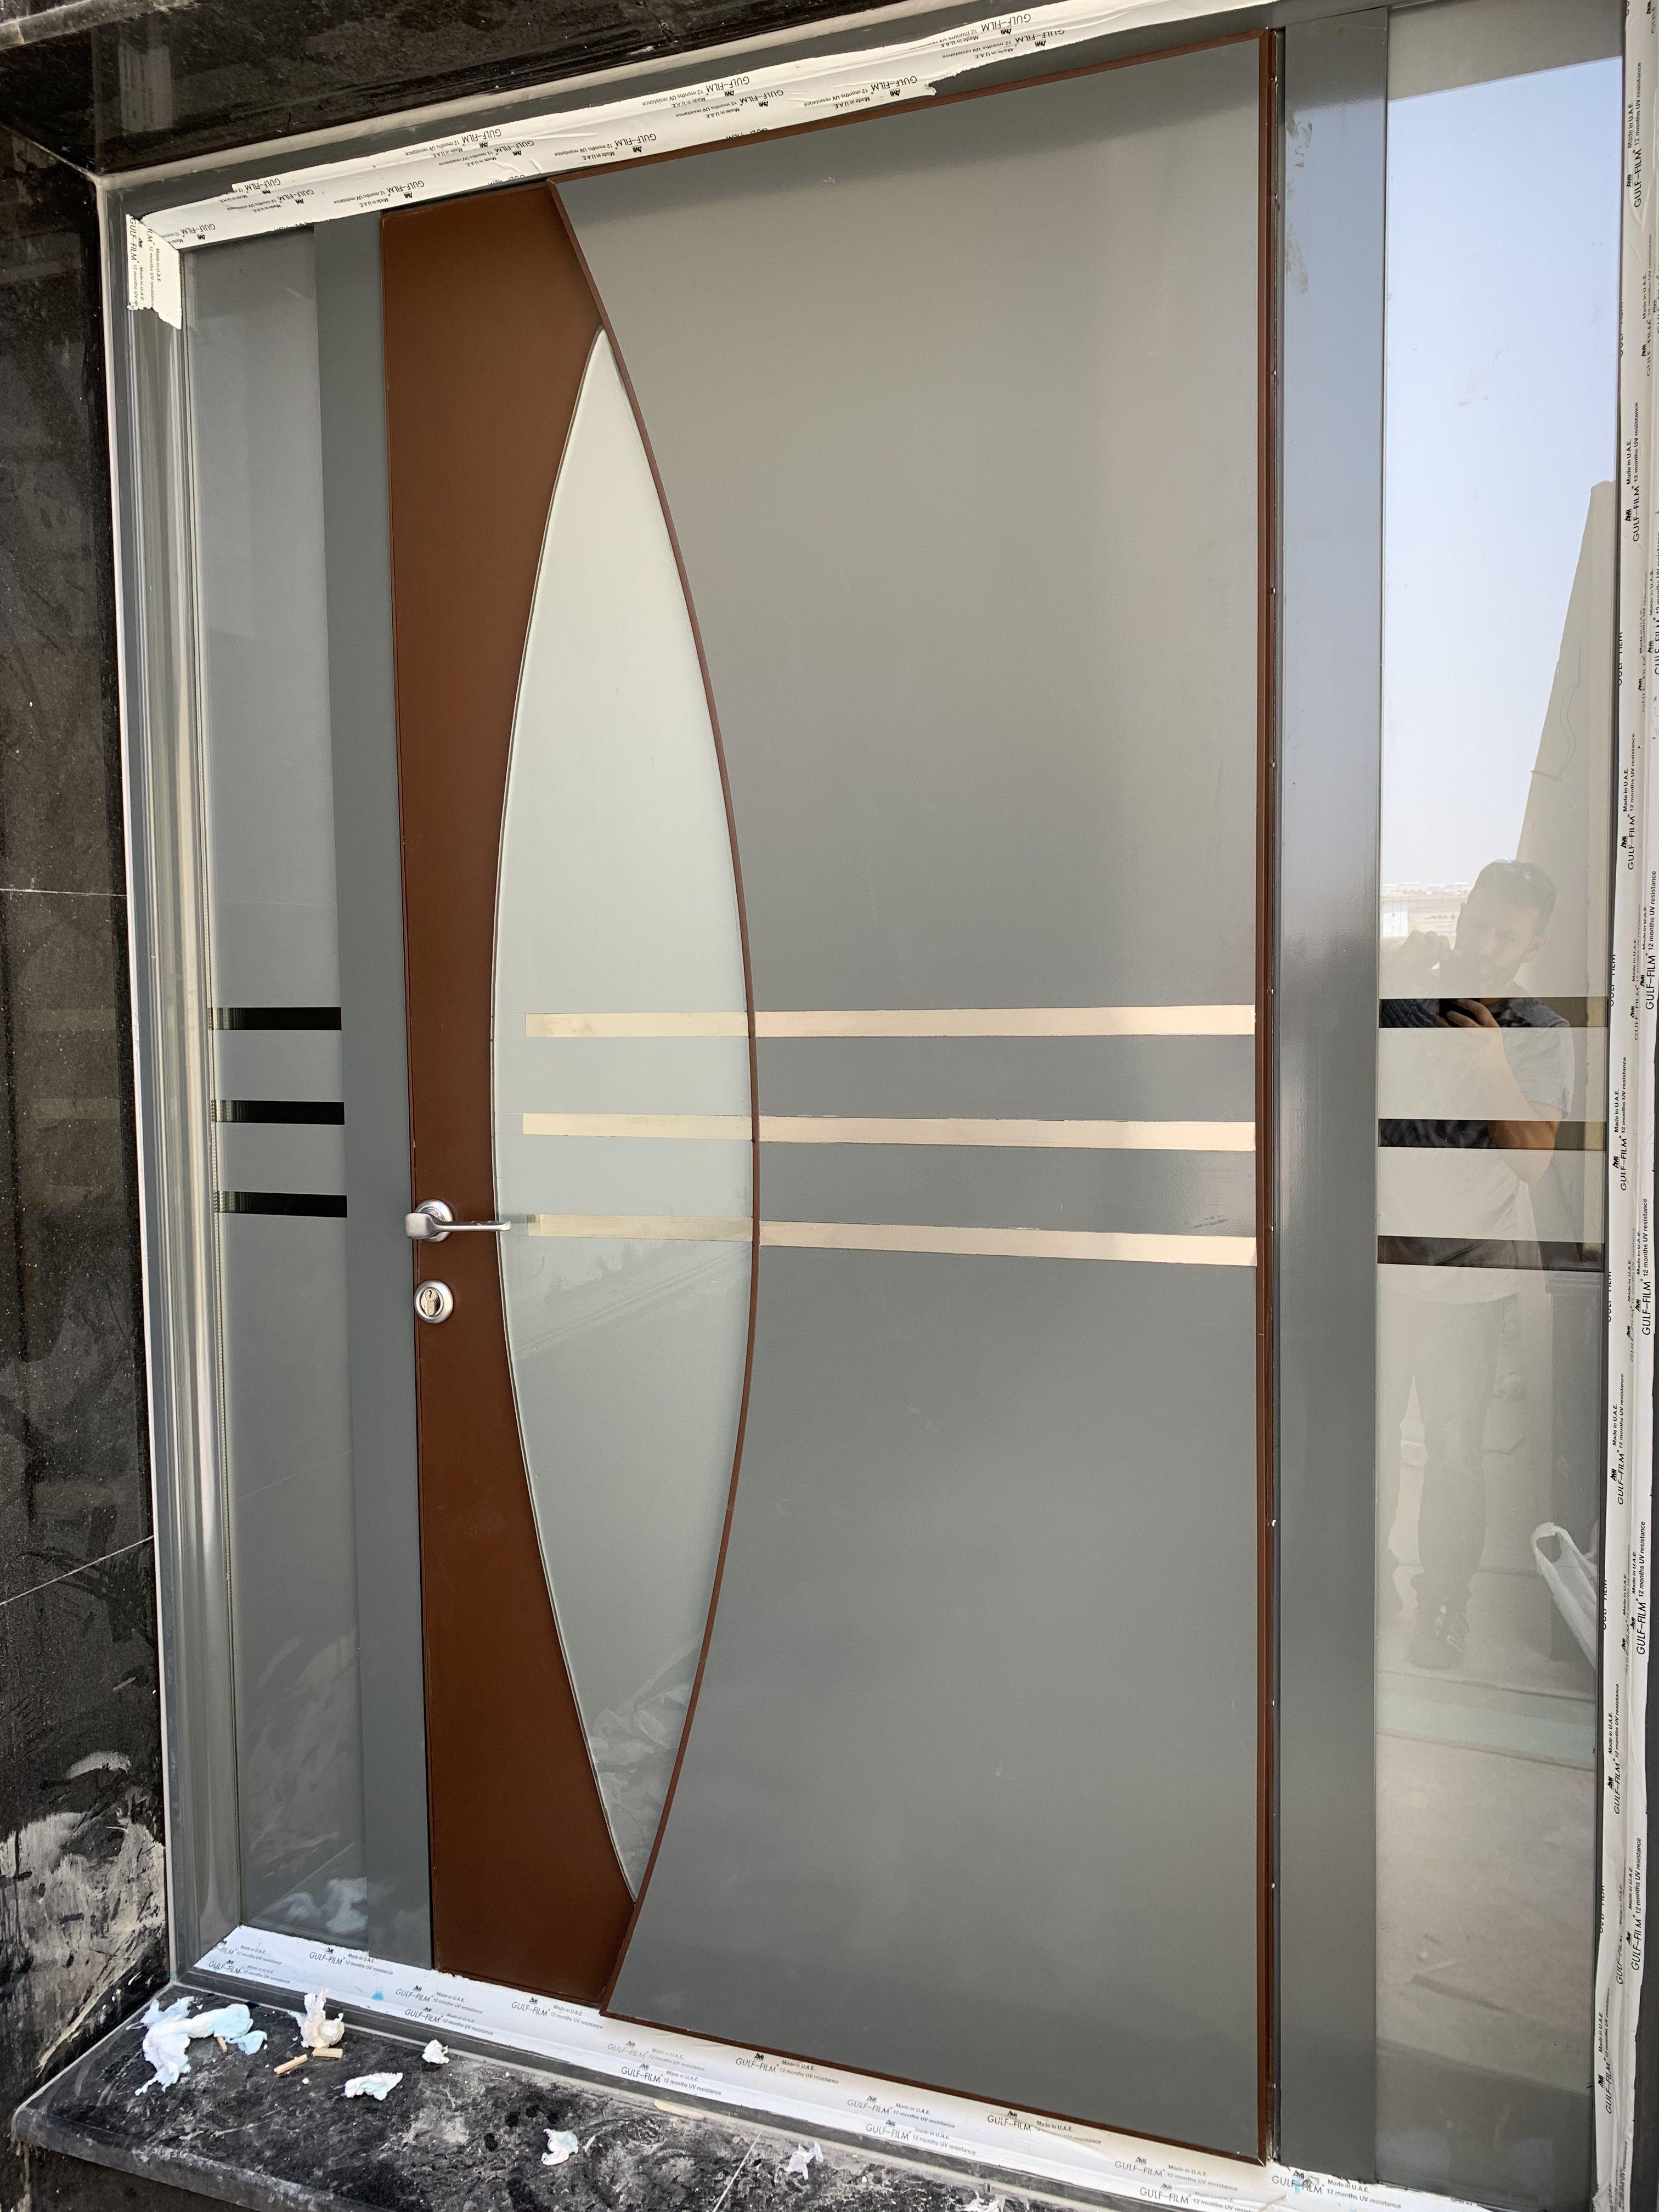 Pin By Gasc Aluminum المنيوم جاسك On ابواب مداخل المنيوم جاسك 0536852254 Home Decor Decor Furniture